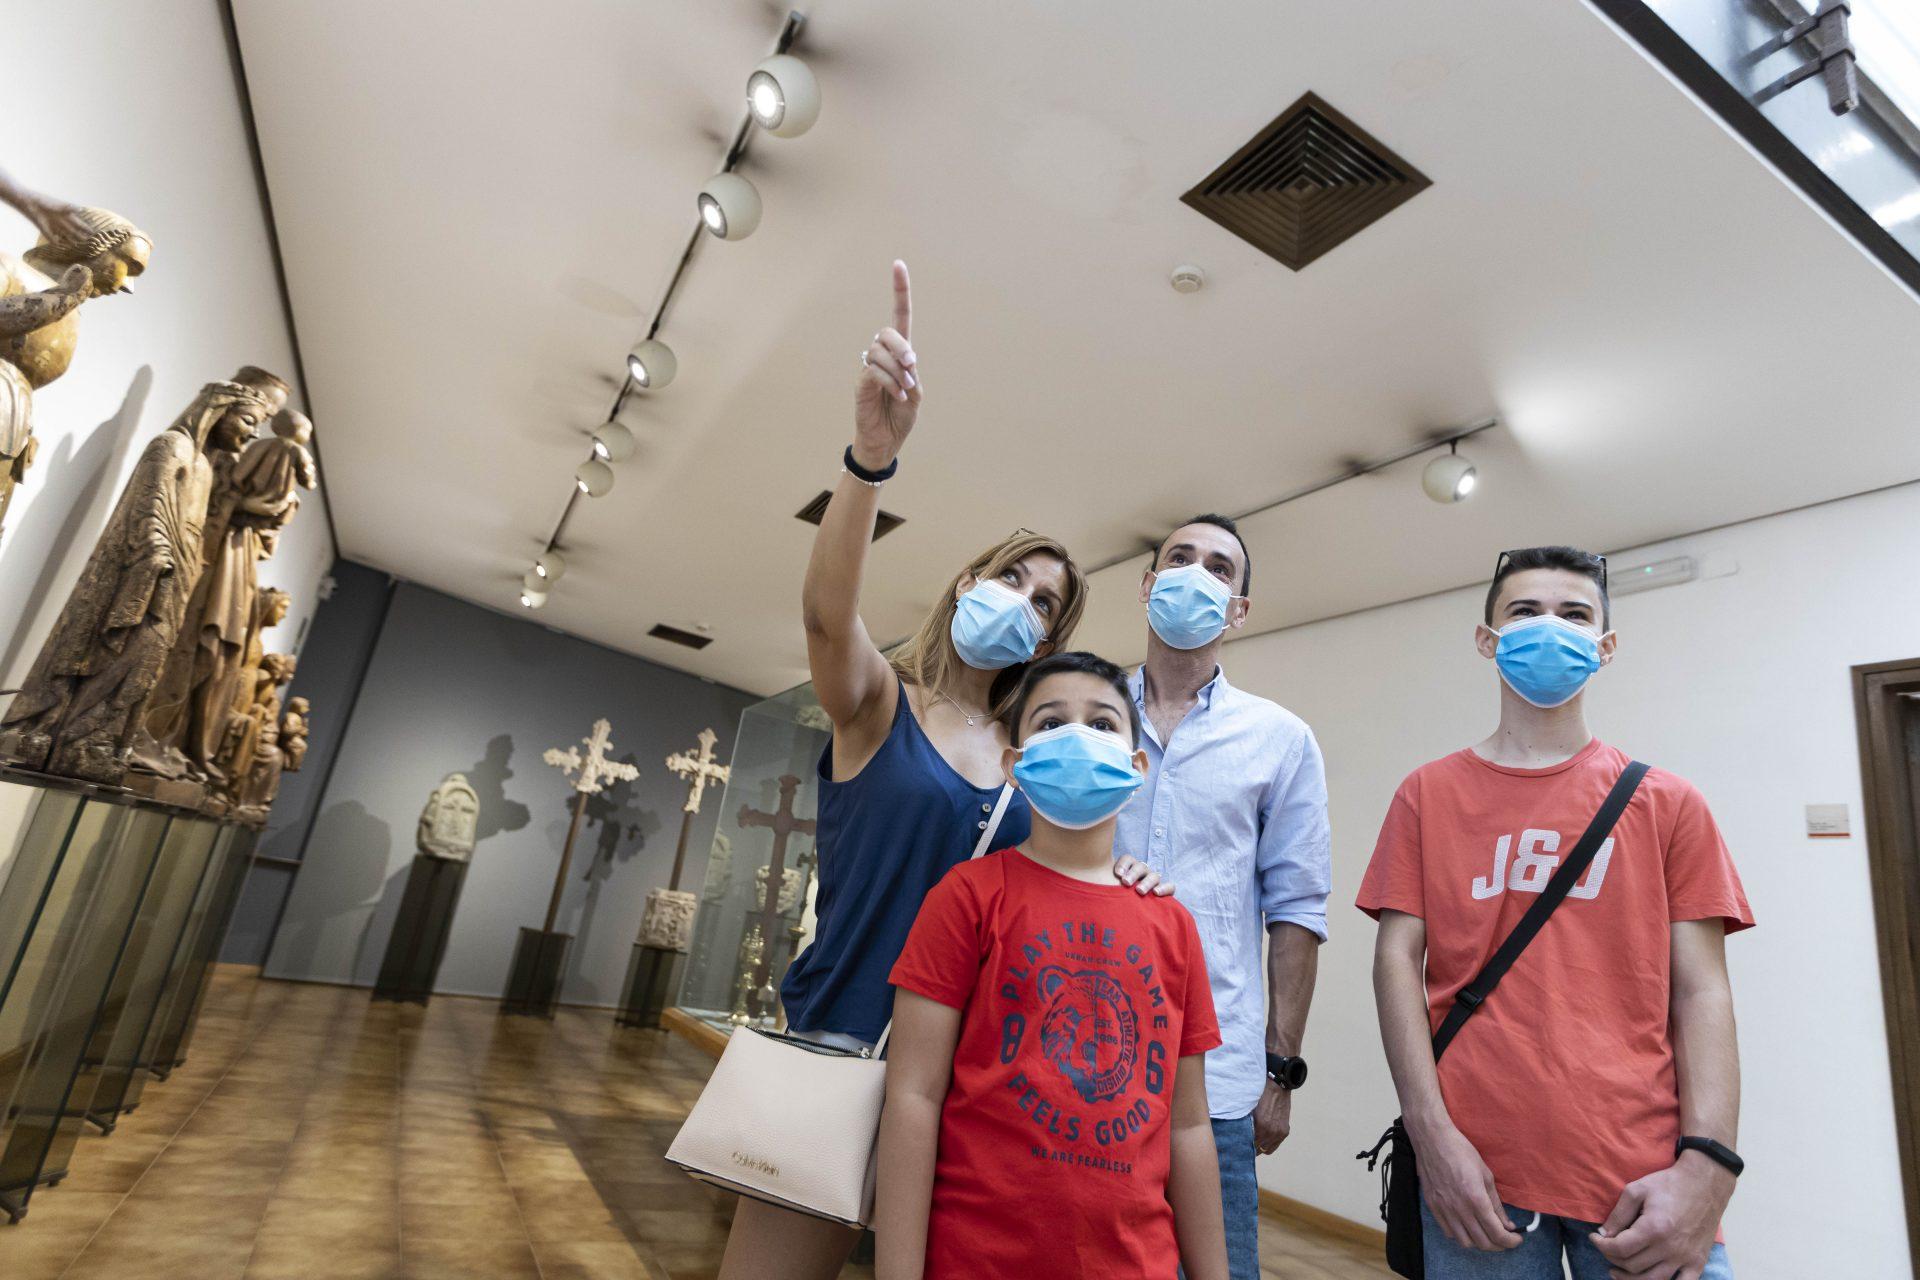 Visitants amb mascareta entren a una sala del Museu